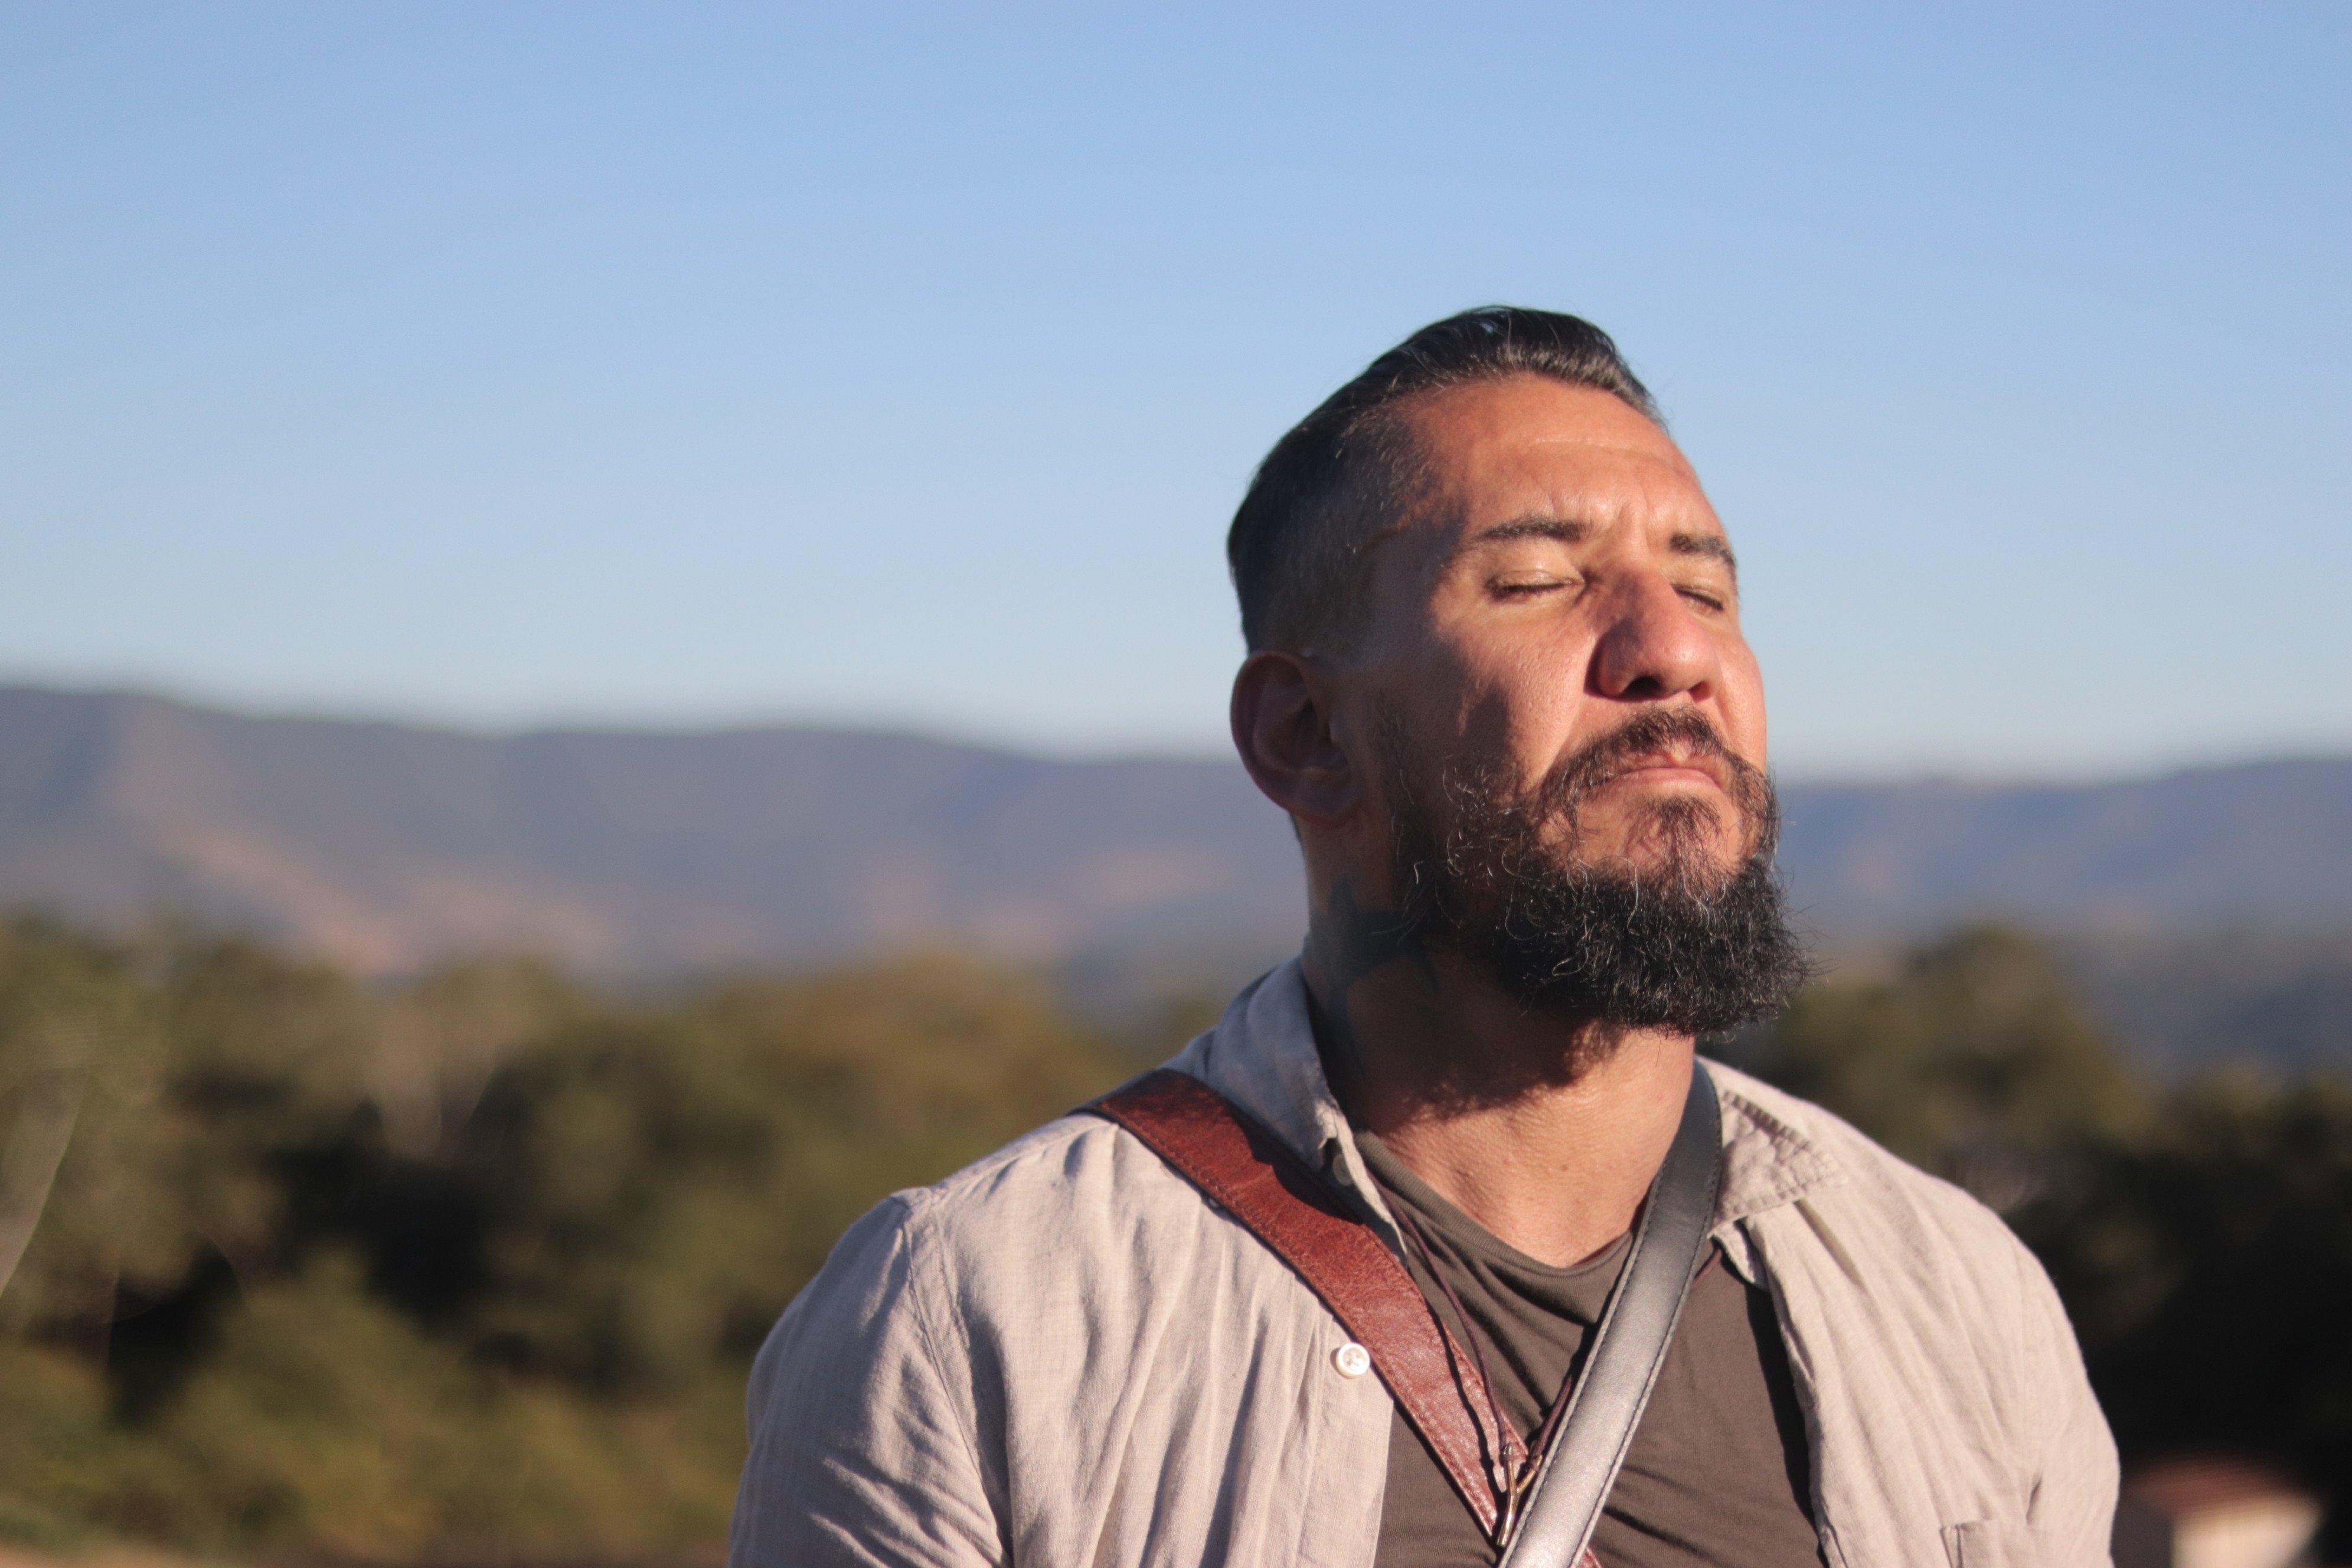 """Rodolfo Abrantes lança o clipe """"Presente pro Futuro"""", com reflexão sobre o chamado de Deus"""